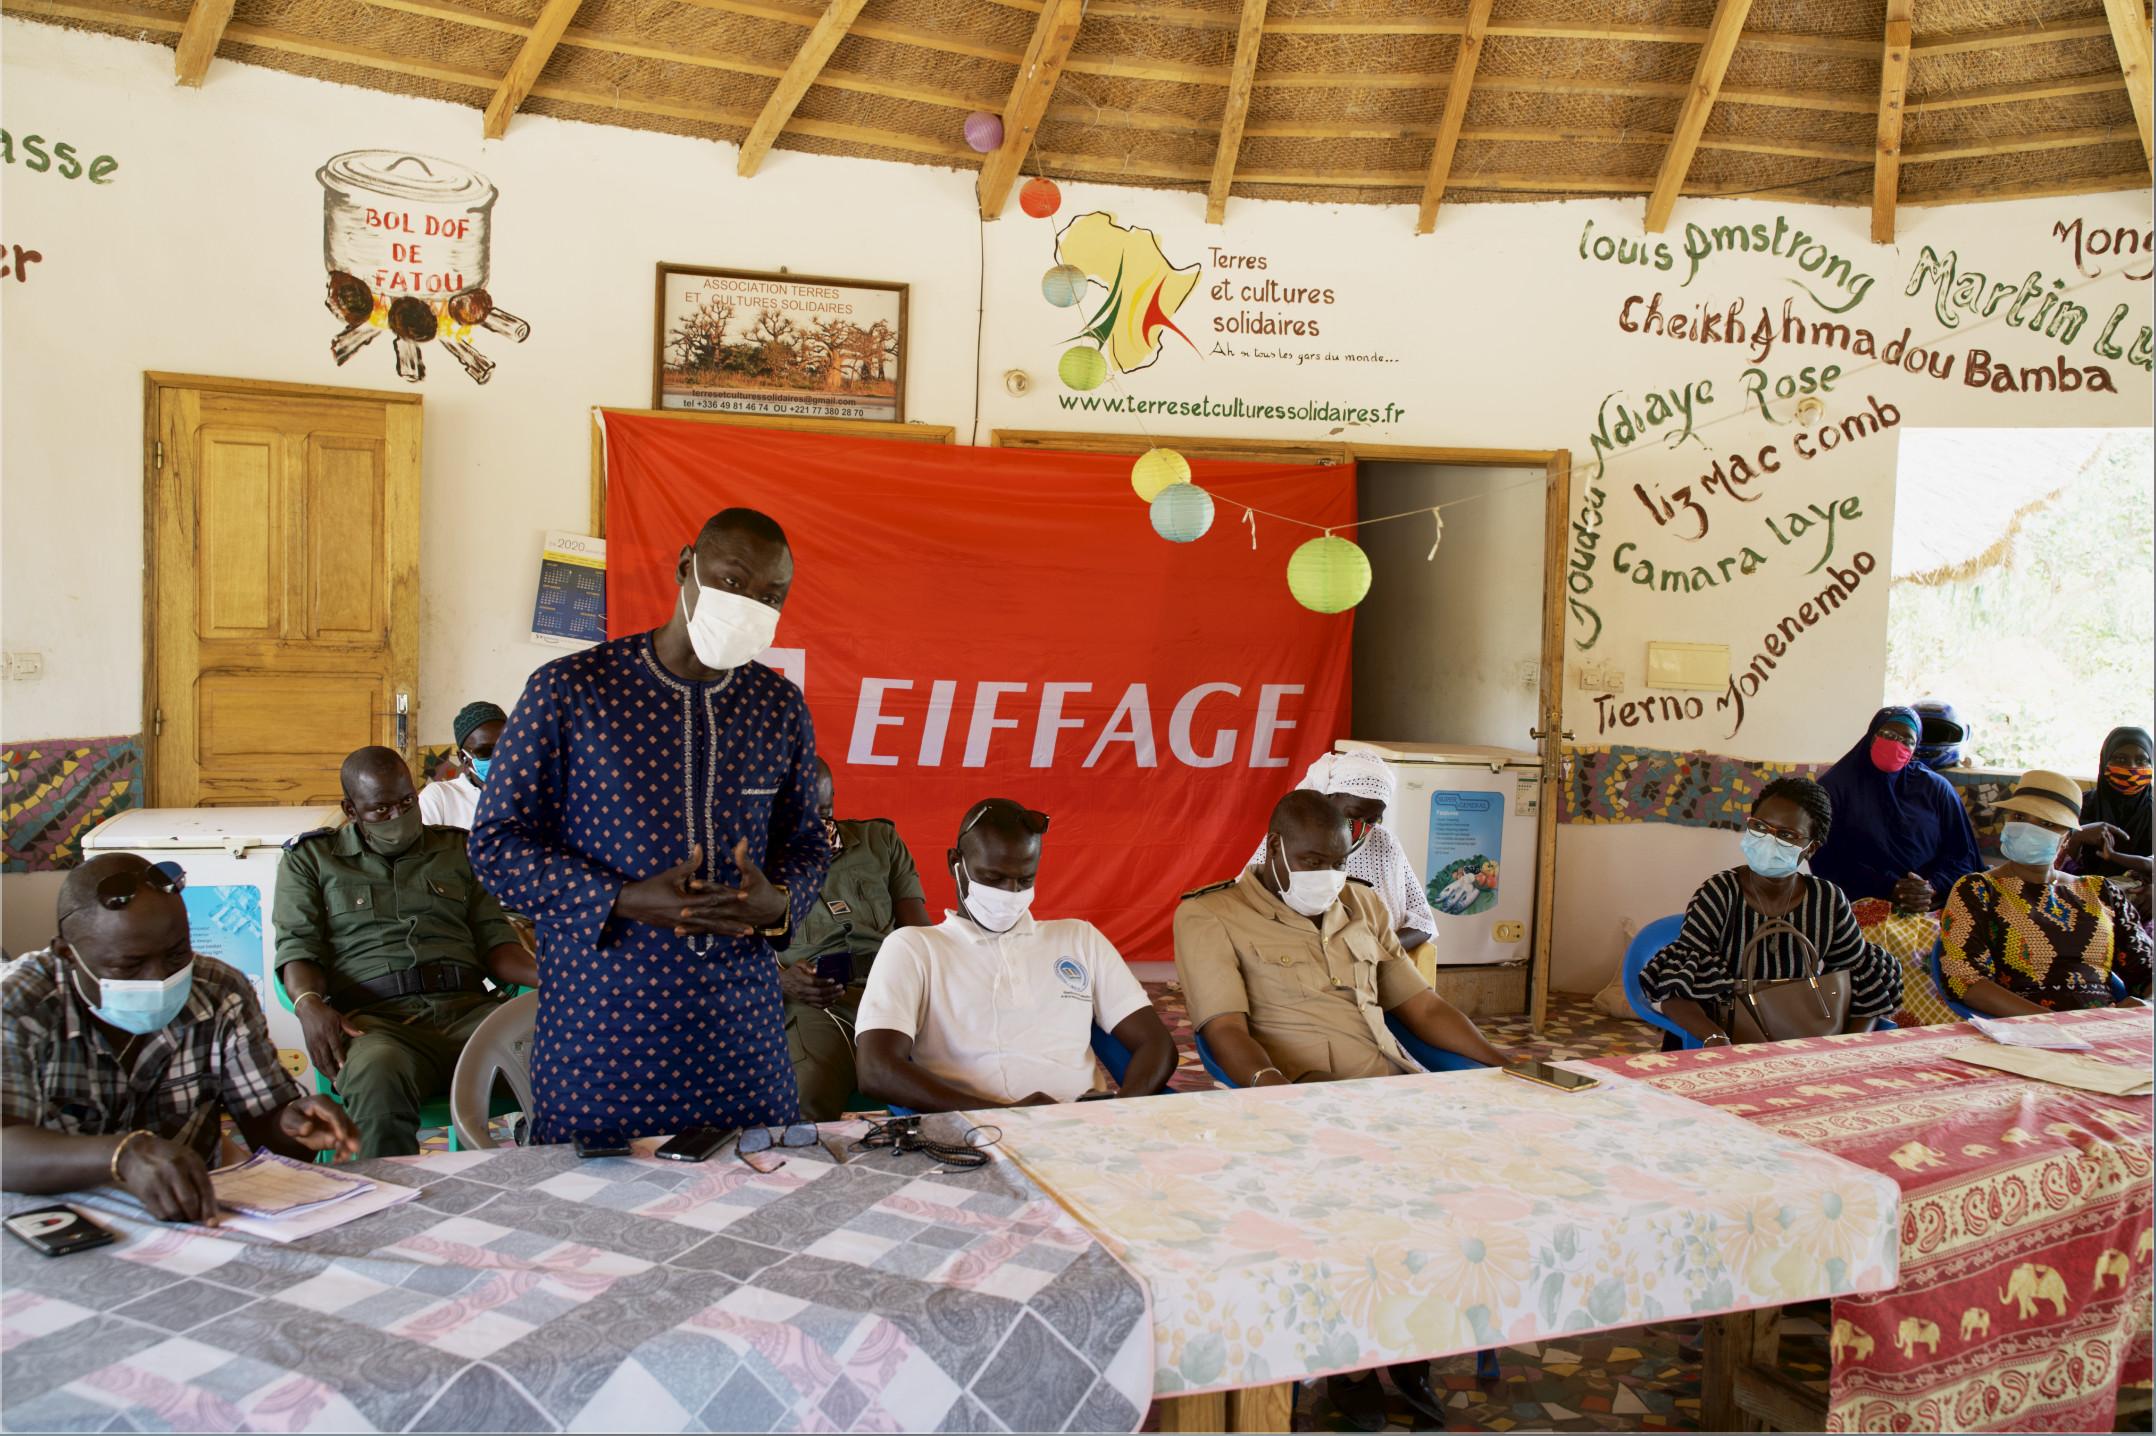 Lutte contre la Covid-19 à Fimela : Eiffage Concessions Sénégal va nourrir 80 familles durant 3 mois à hauteur de 10 millions de F Cfa